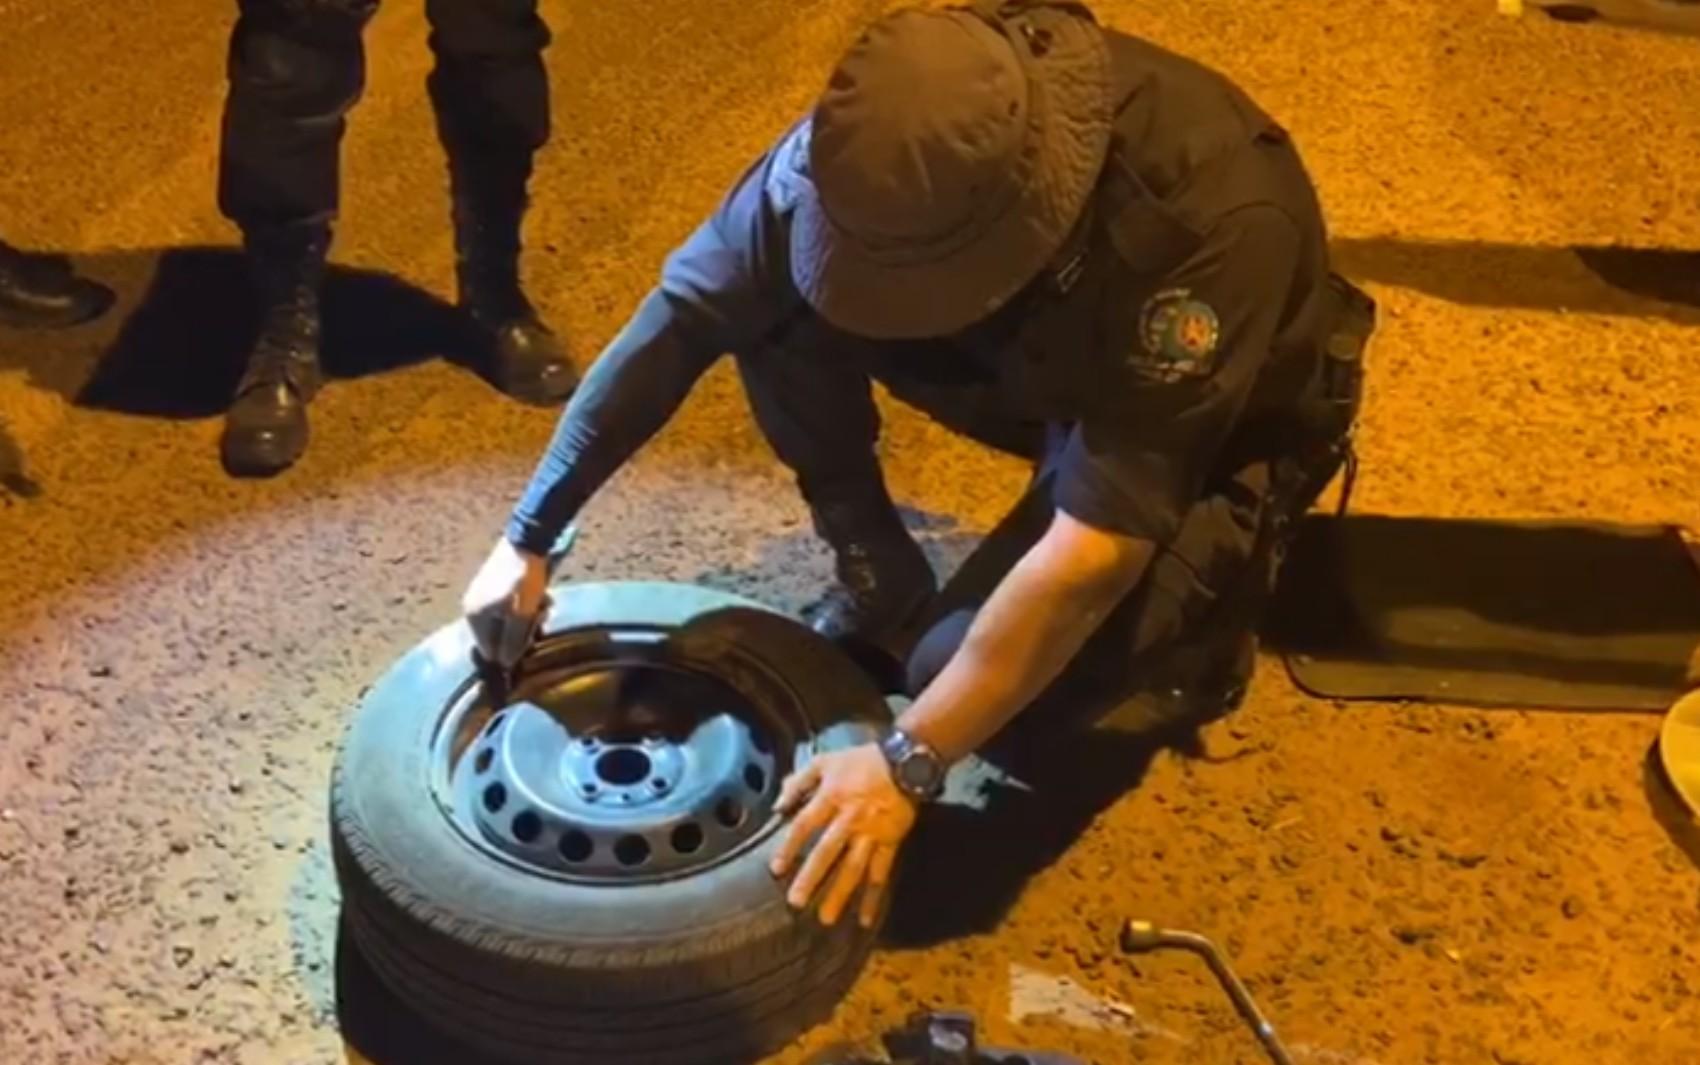 Jovem é preso suspeito de transportar 'supermaconha' escondida entre a roda e o pneu de carro; vídeo